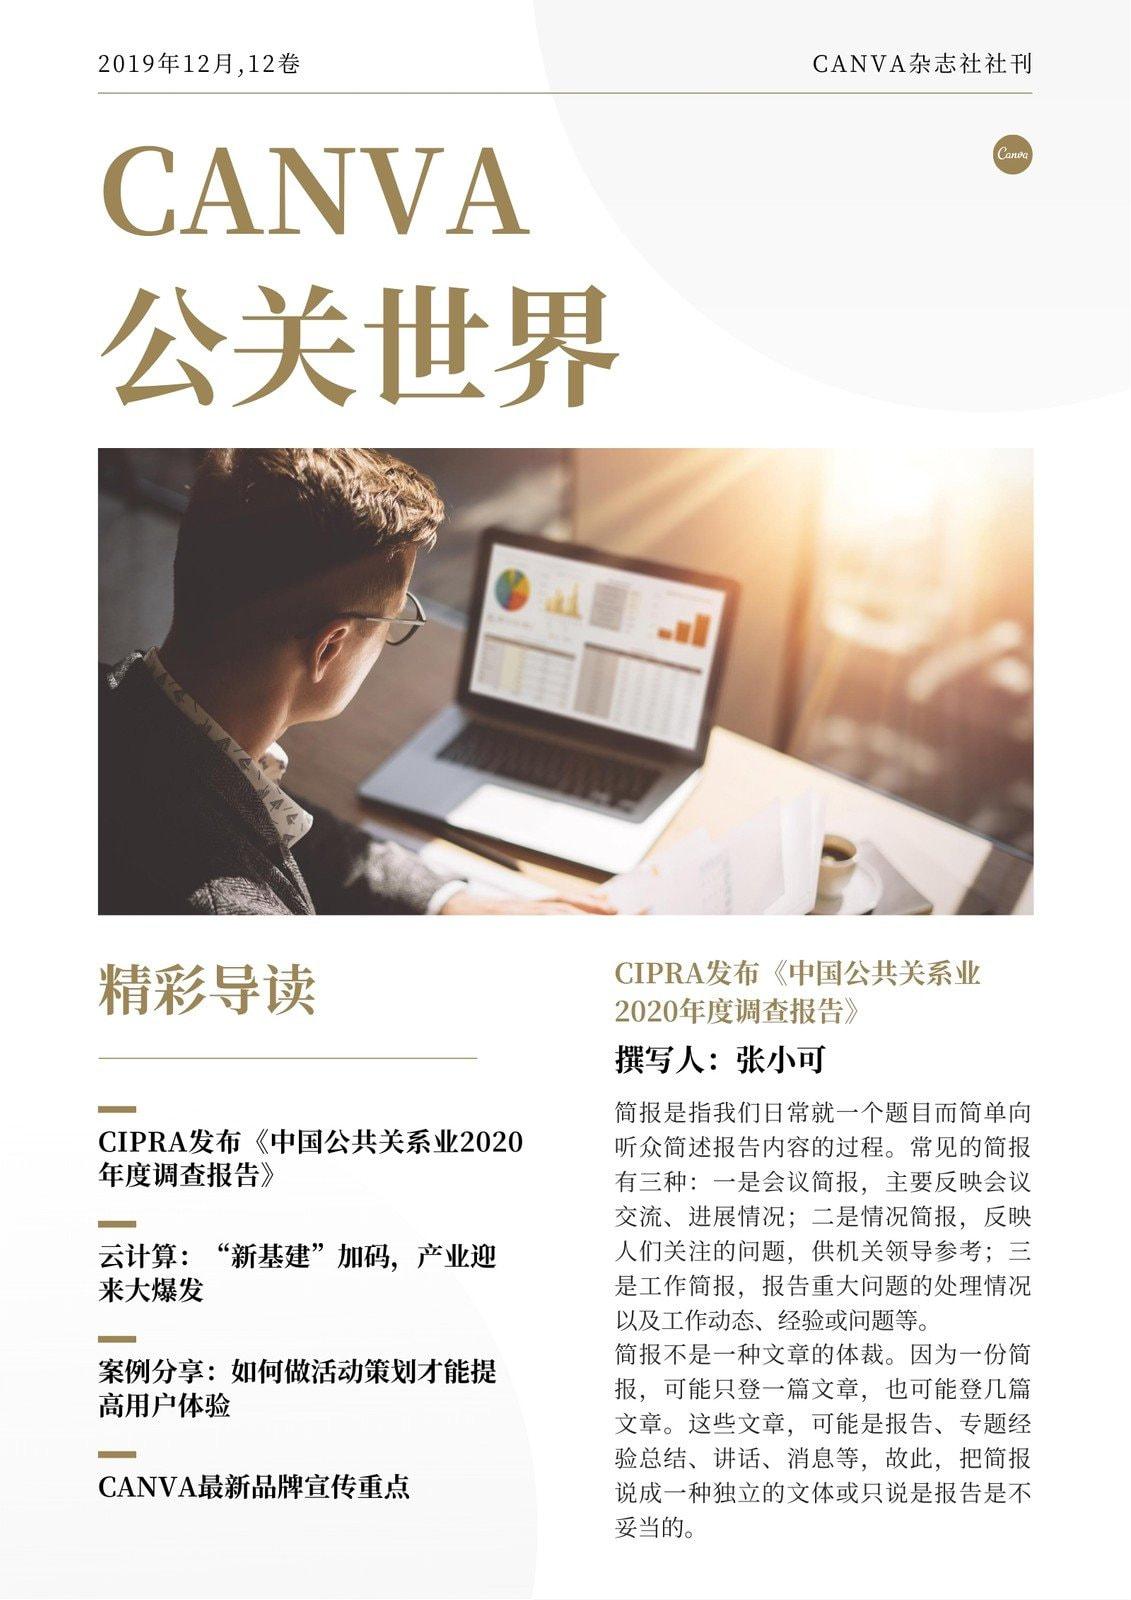 灰金色几何渐变图形商务公关宣传中文简报